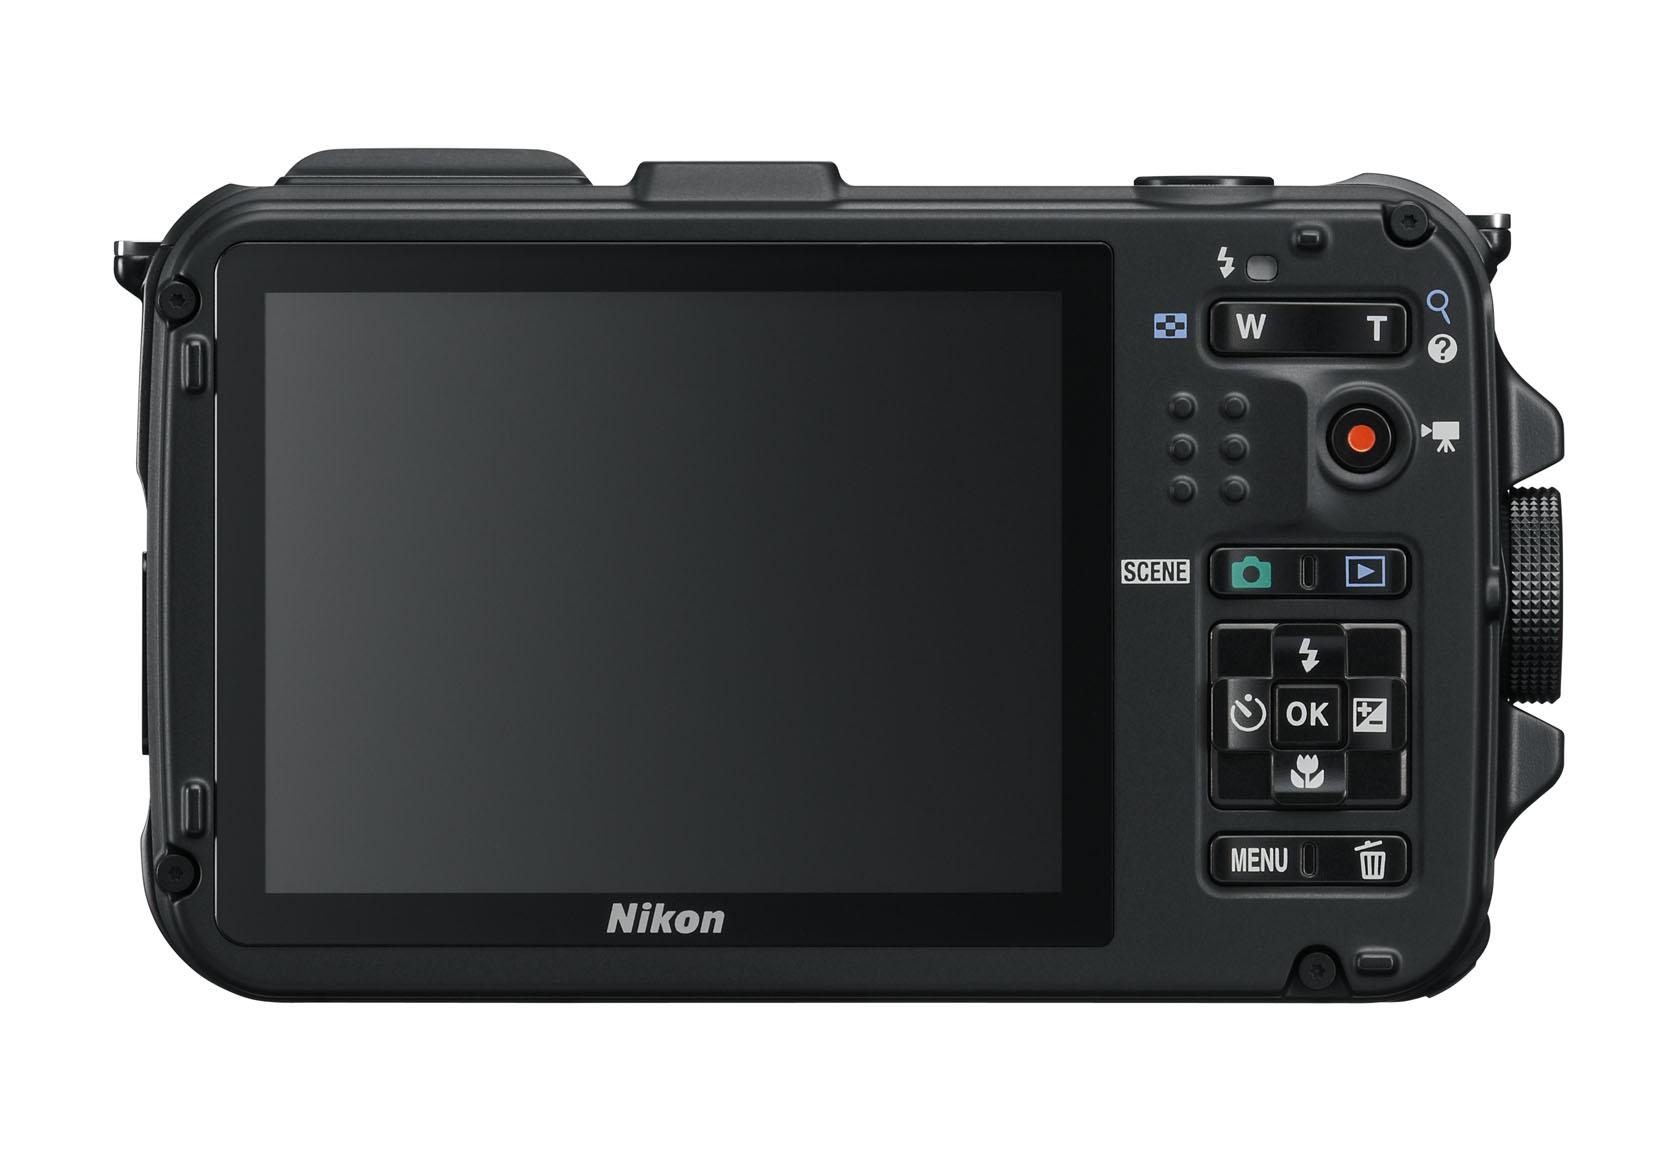 Nikon COOLPIX AW100 Rückseite